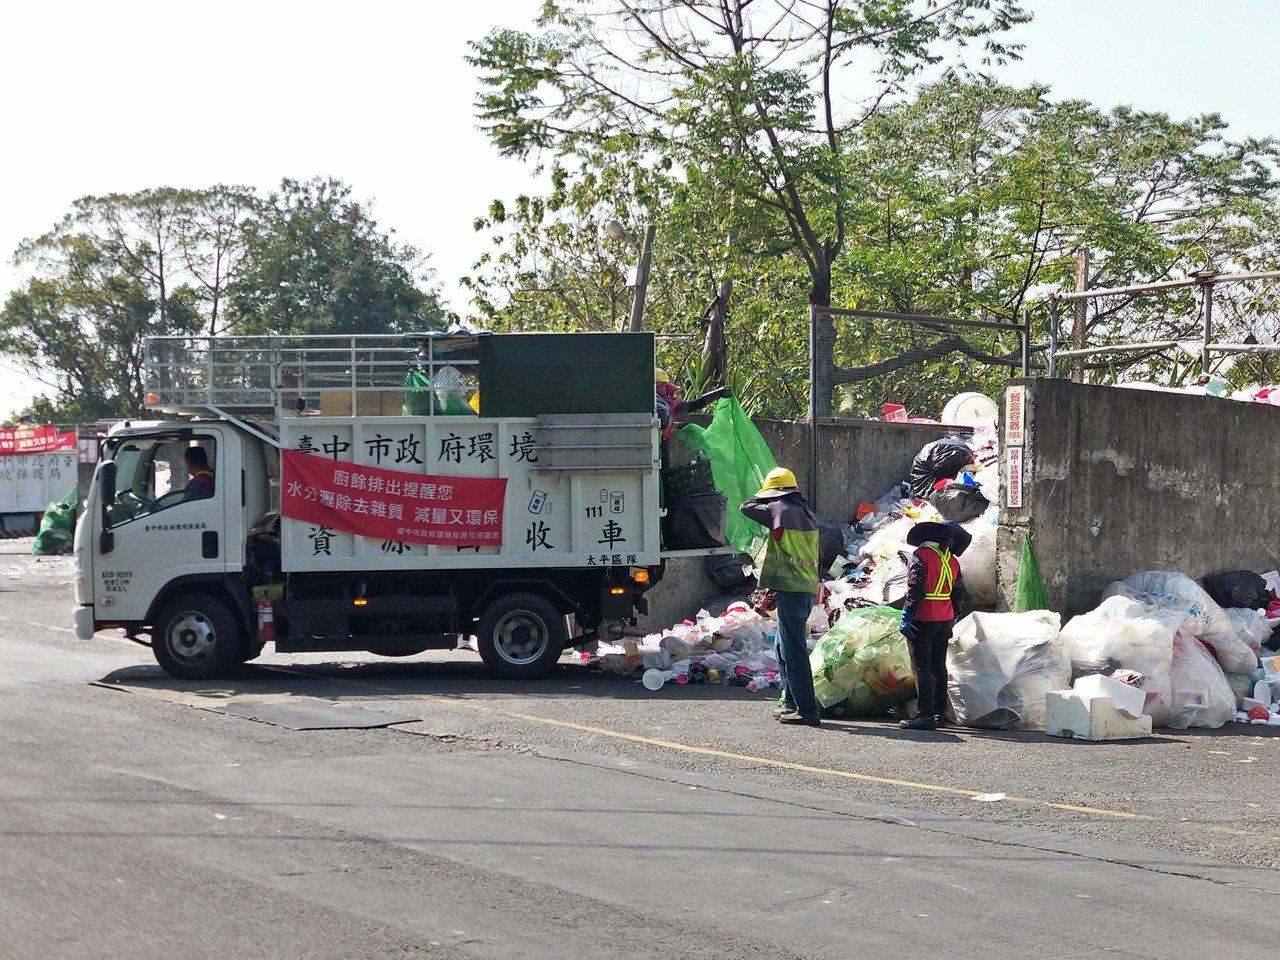 台中市太平區清潔隊因垃圾量多,且資源垃圾回收細分34項,去年資源垃圾變賣所得近2...